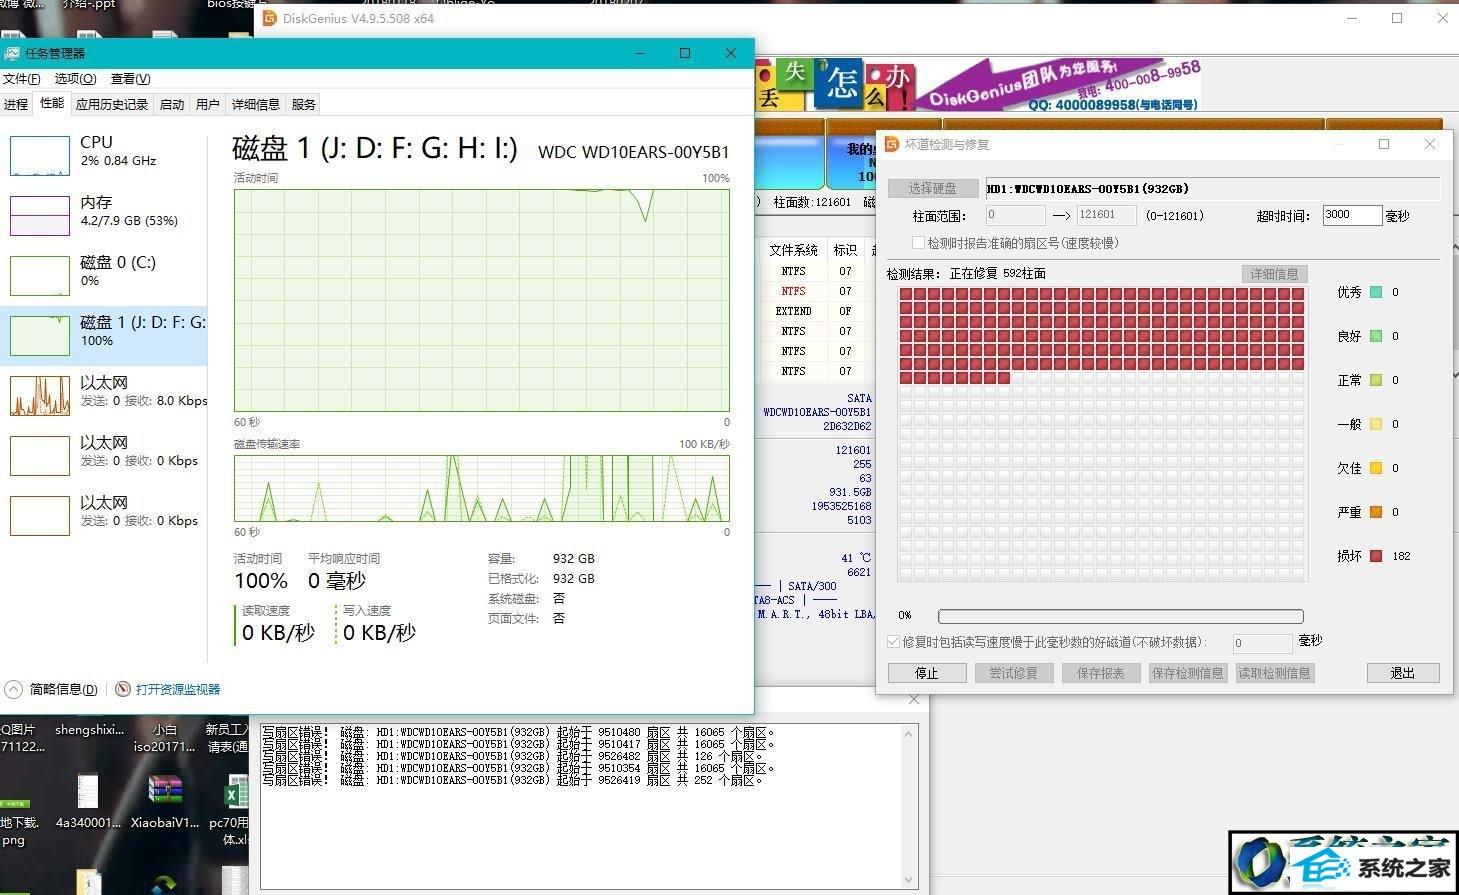 win7系统磁盘活动时间100%的解决方法